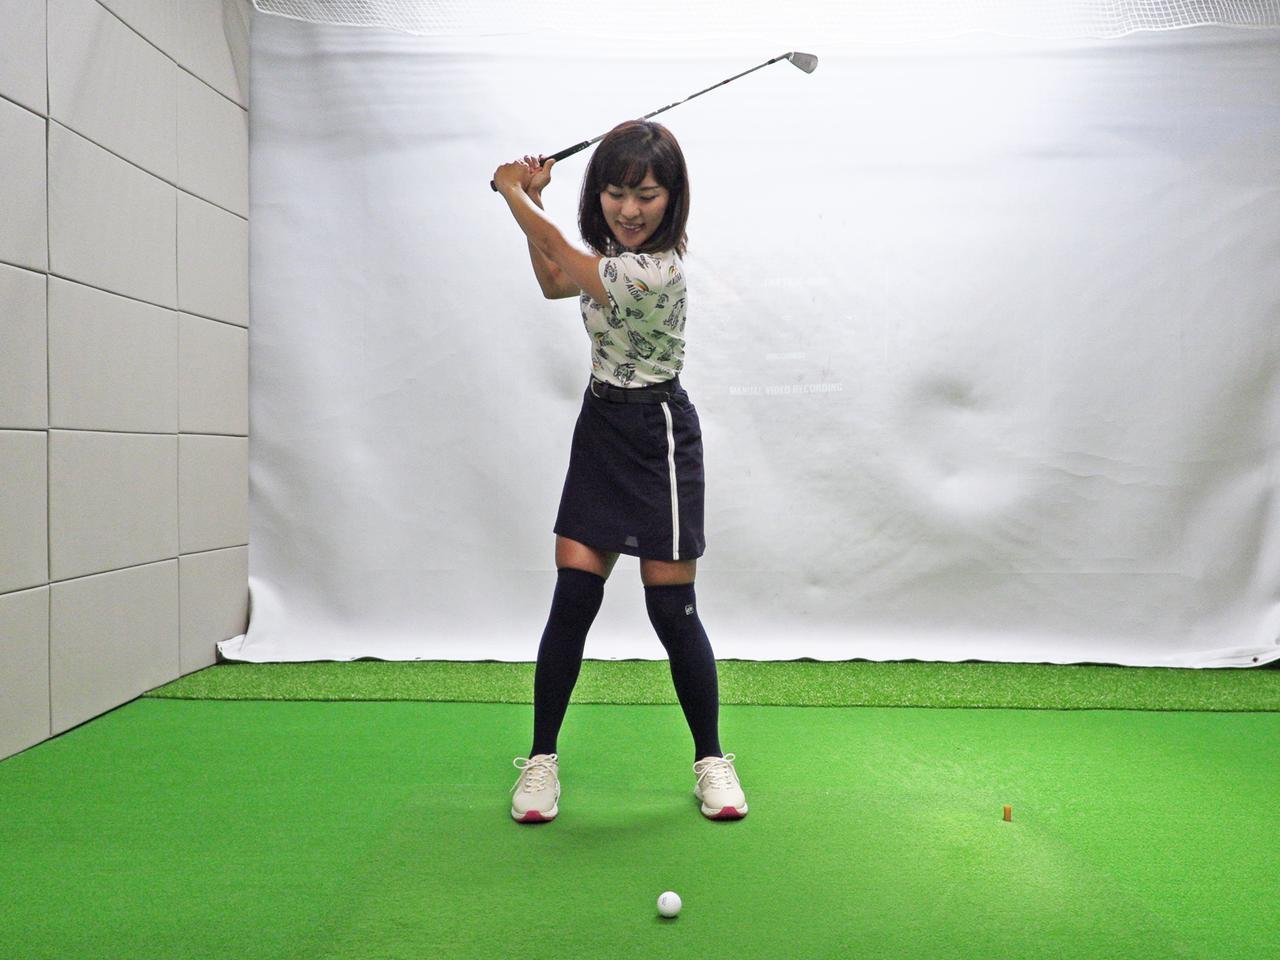 画像: センター軸はアドレスでは左5:右5、バックスウィングでも同じく5:5をキープ。感覚的には体重移動は行わないイメージだが、体をしっかり捻転させることで結果的に体重移動は行われているという